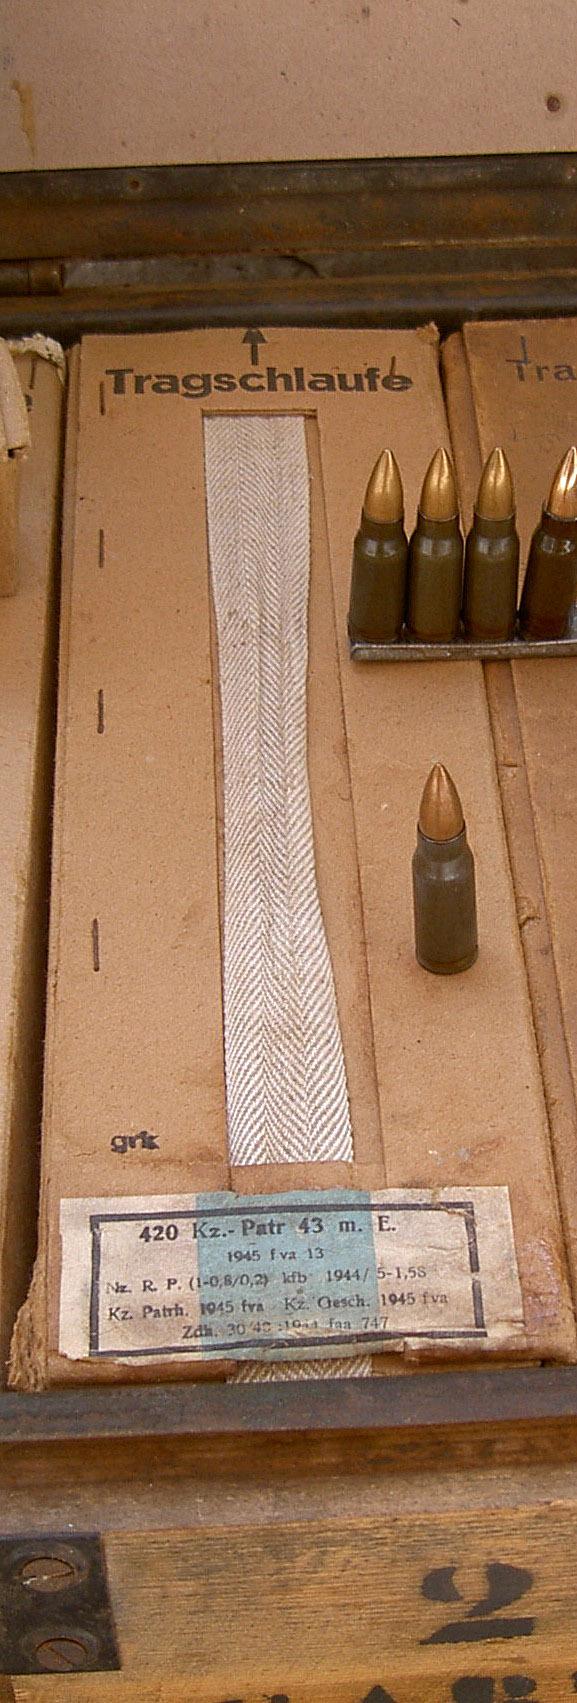 7,92 x 33 Kurz Patrone - Pistolen Patrone 43 m.E - Page 2 1945_f10